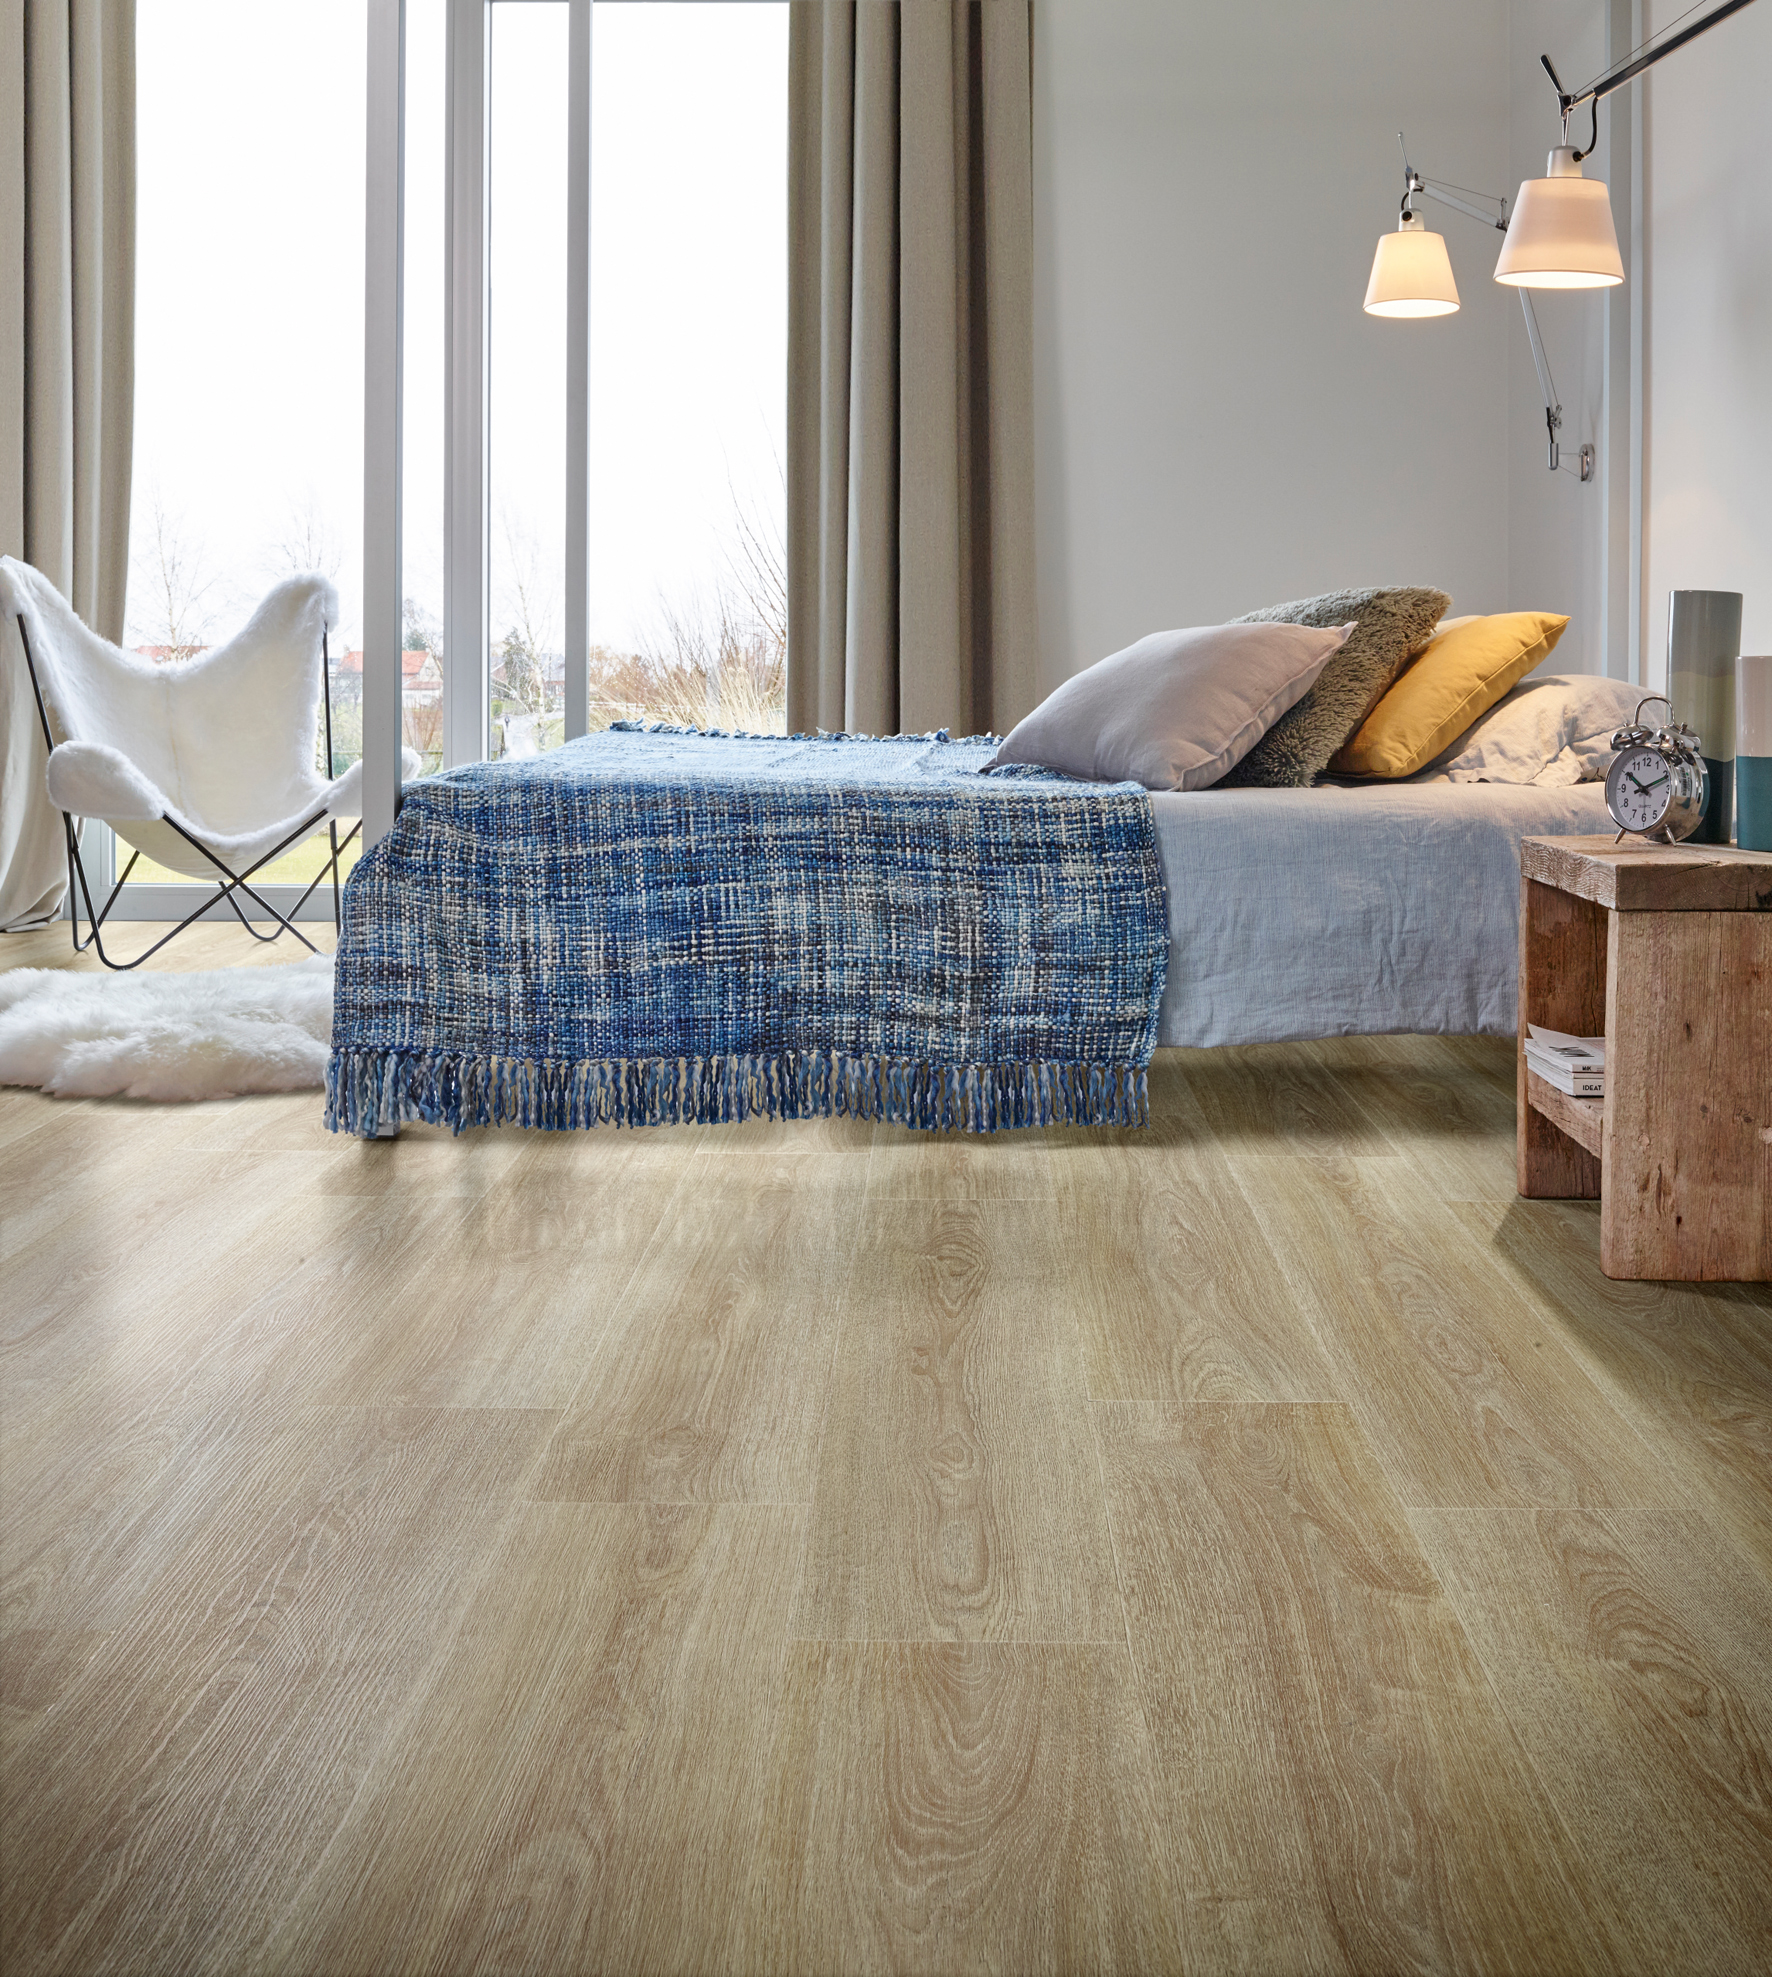 Sst zachtjes… vinylvloer in de slaapkamer   voorlichtingsburo wonen